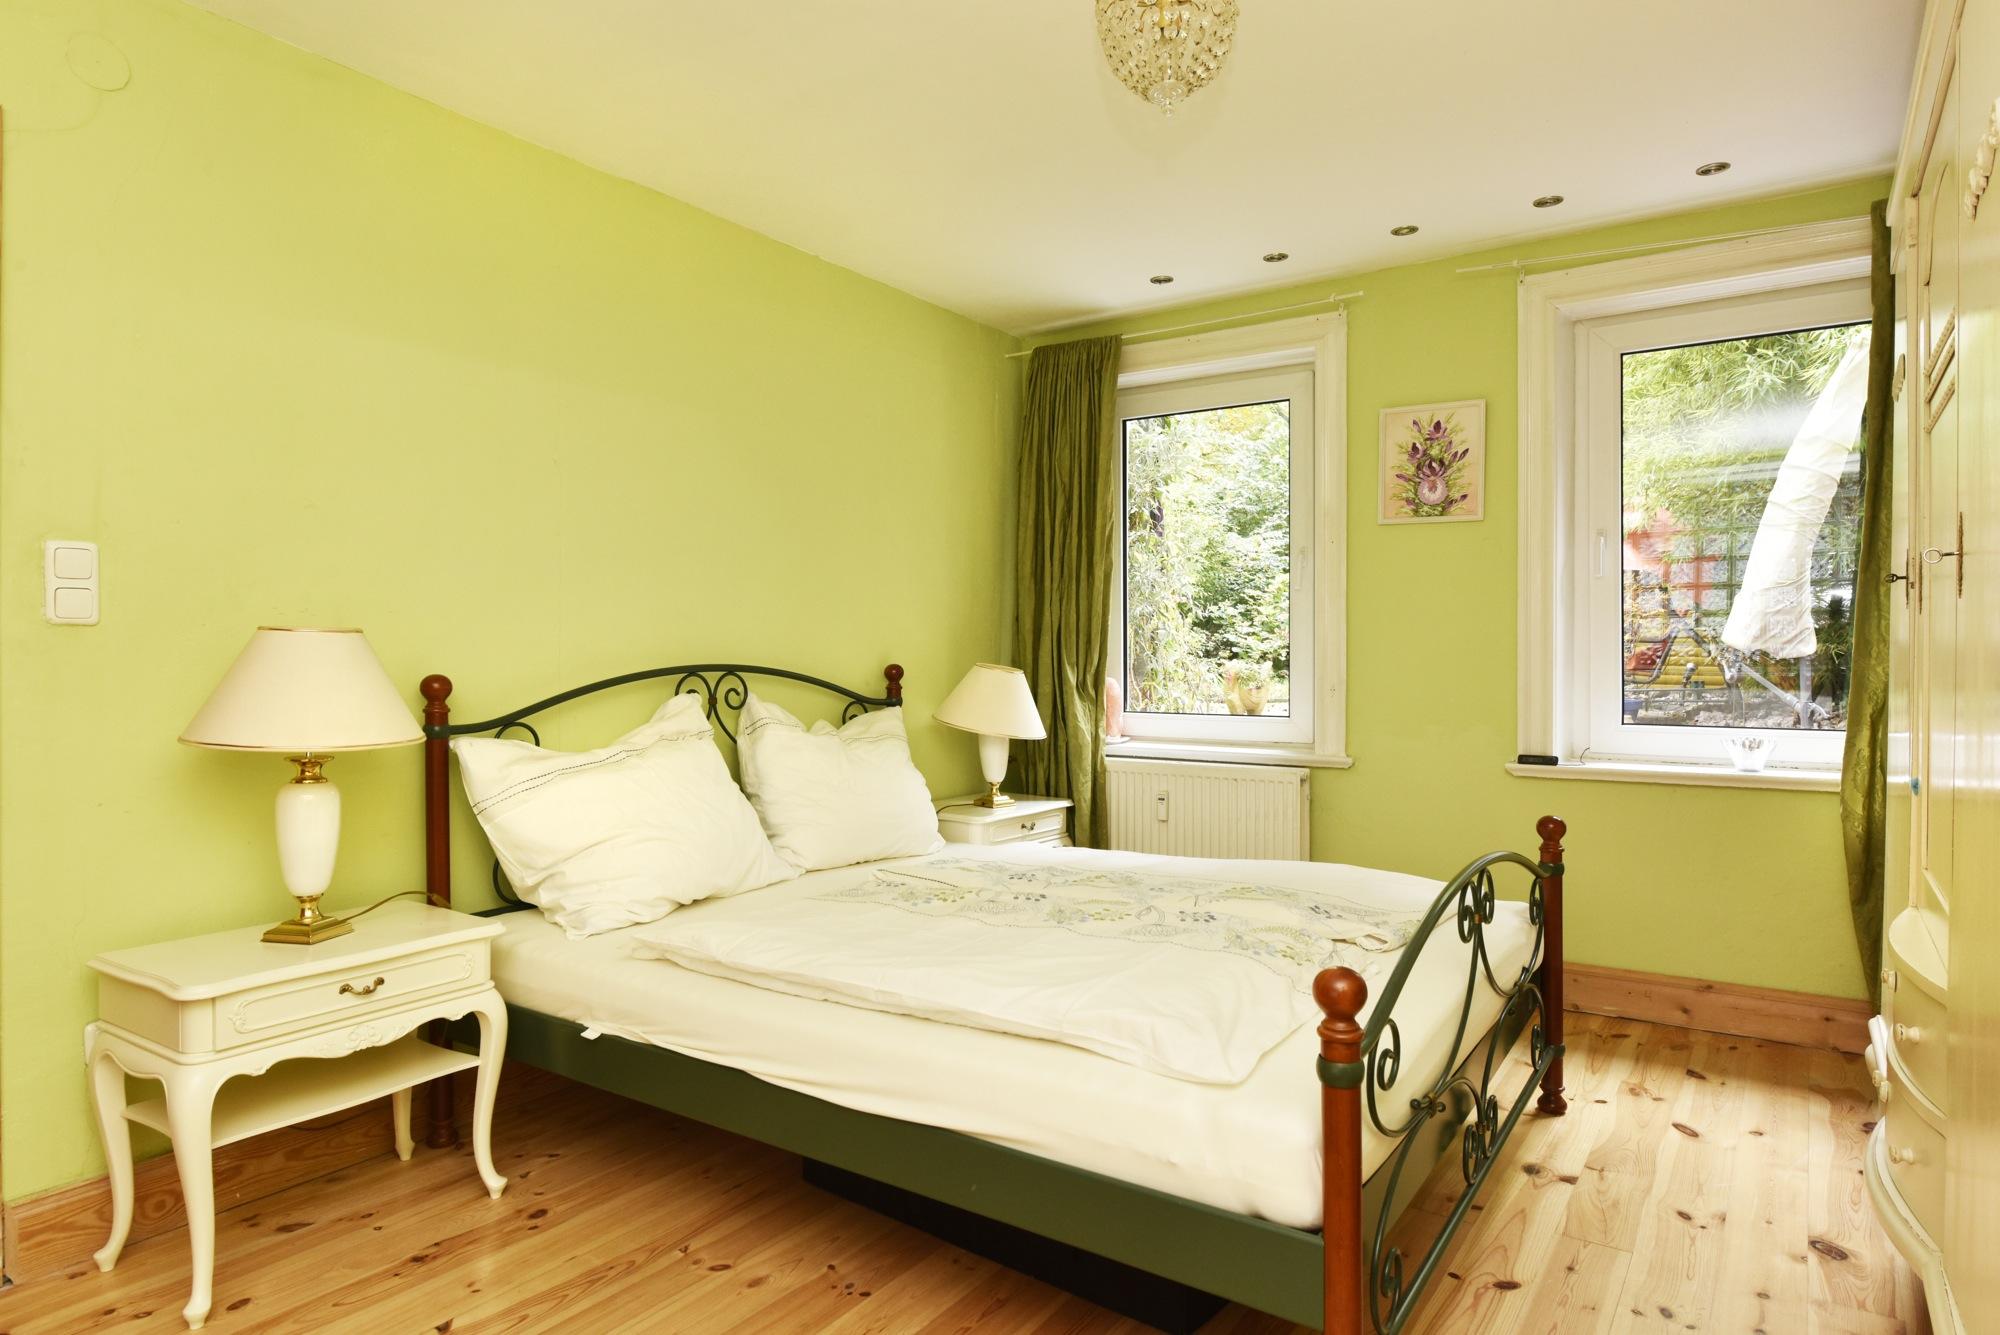 Schlafen Sie ruhig und grün